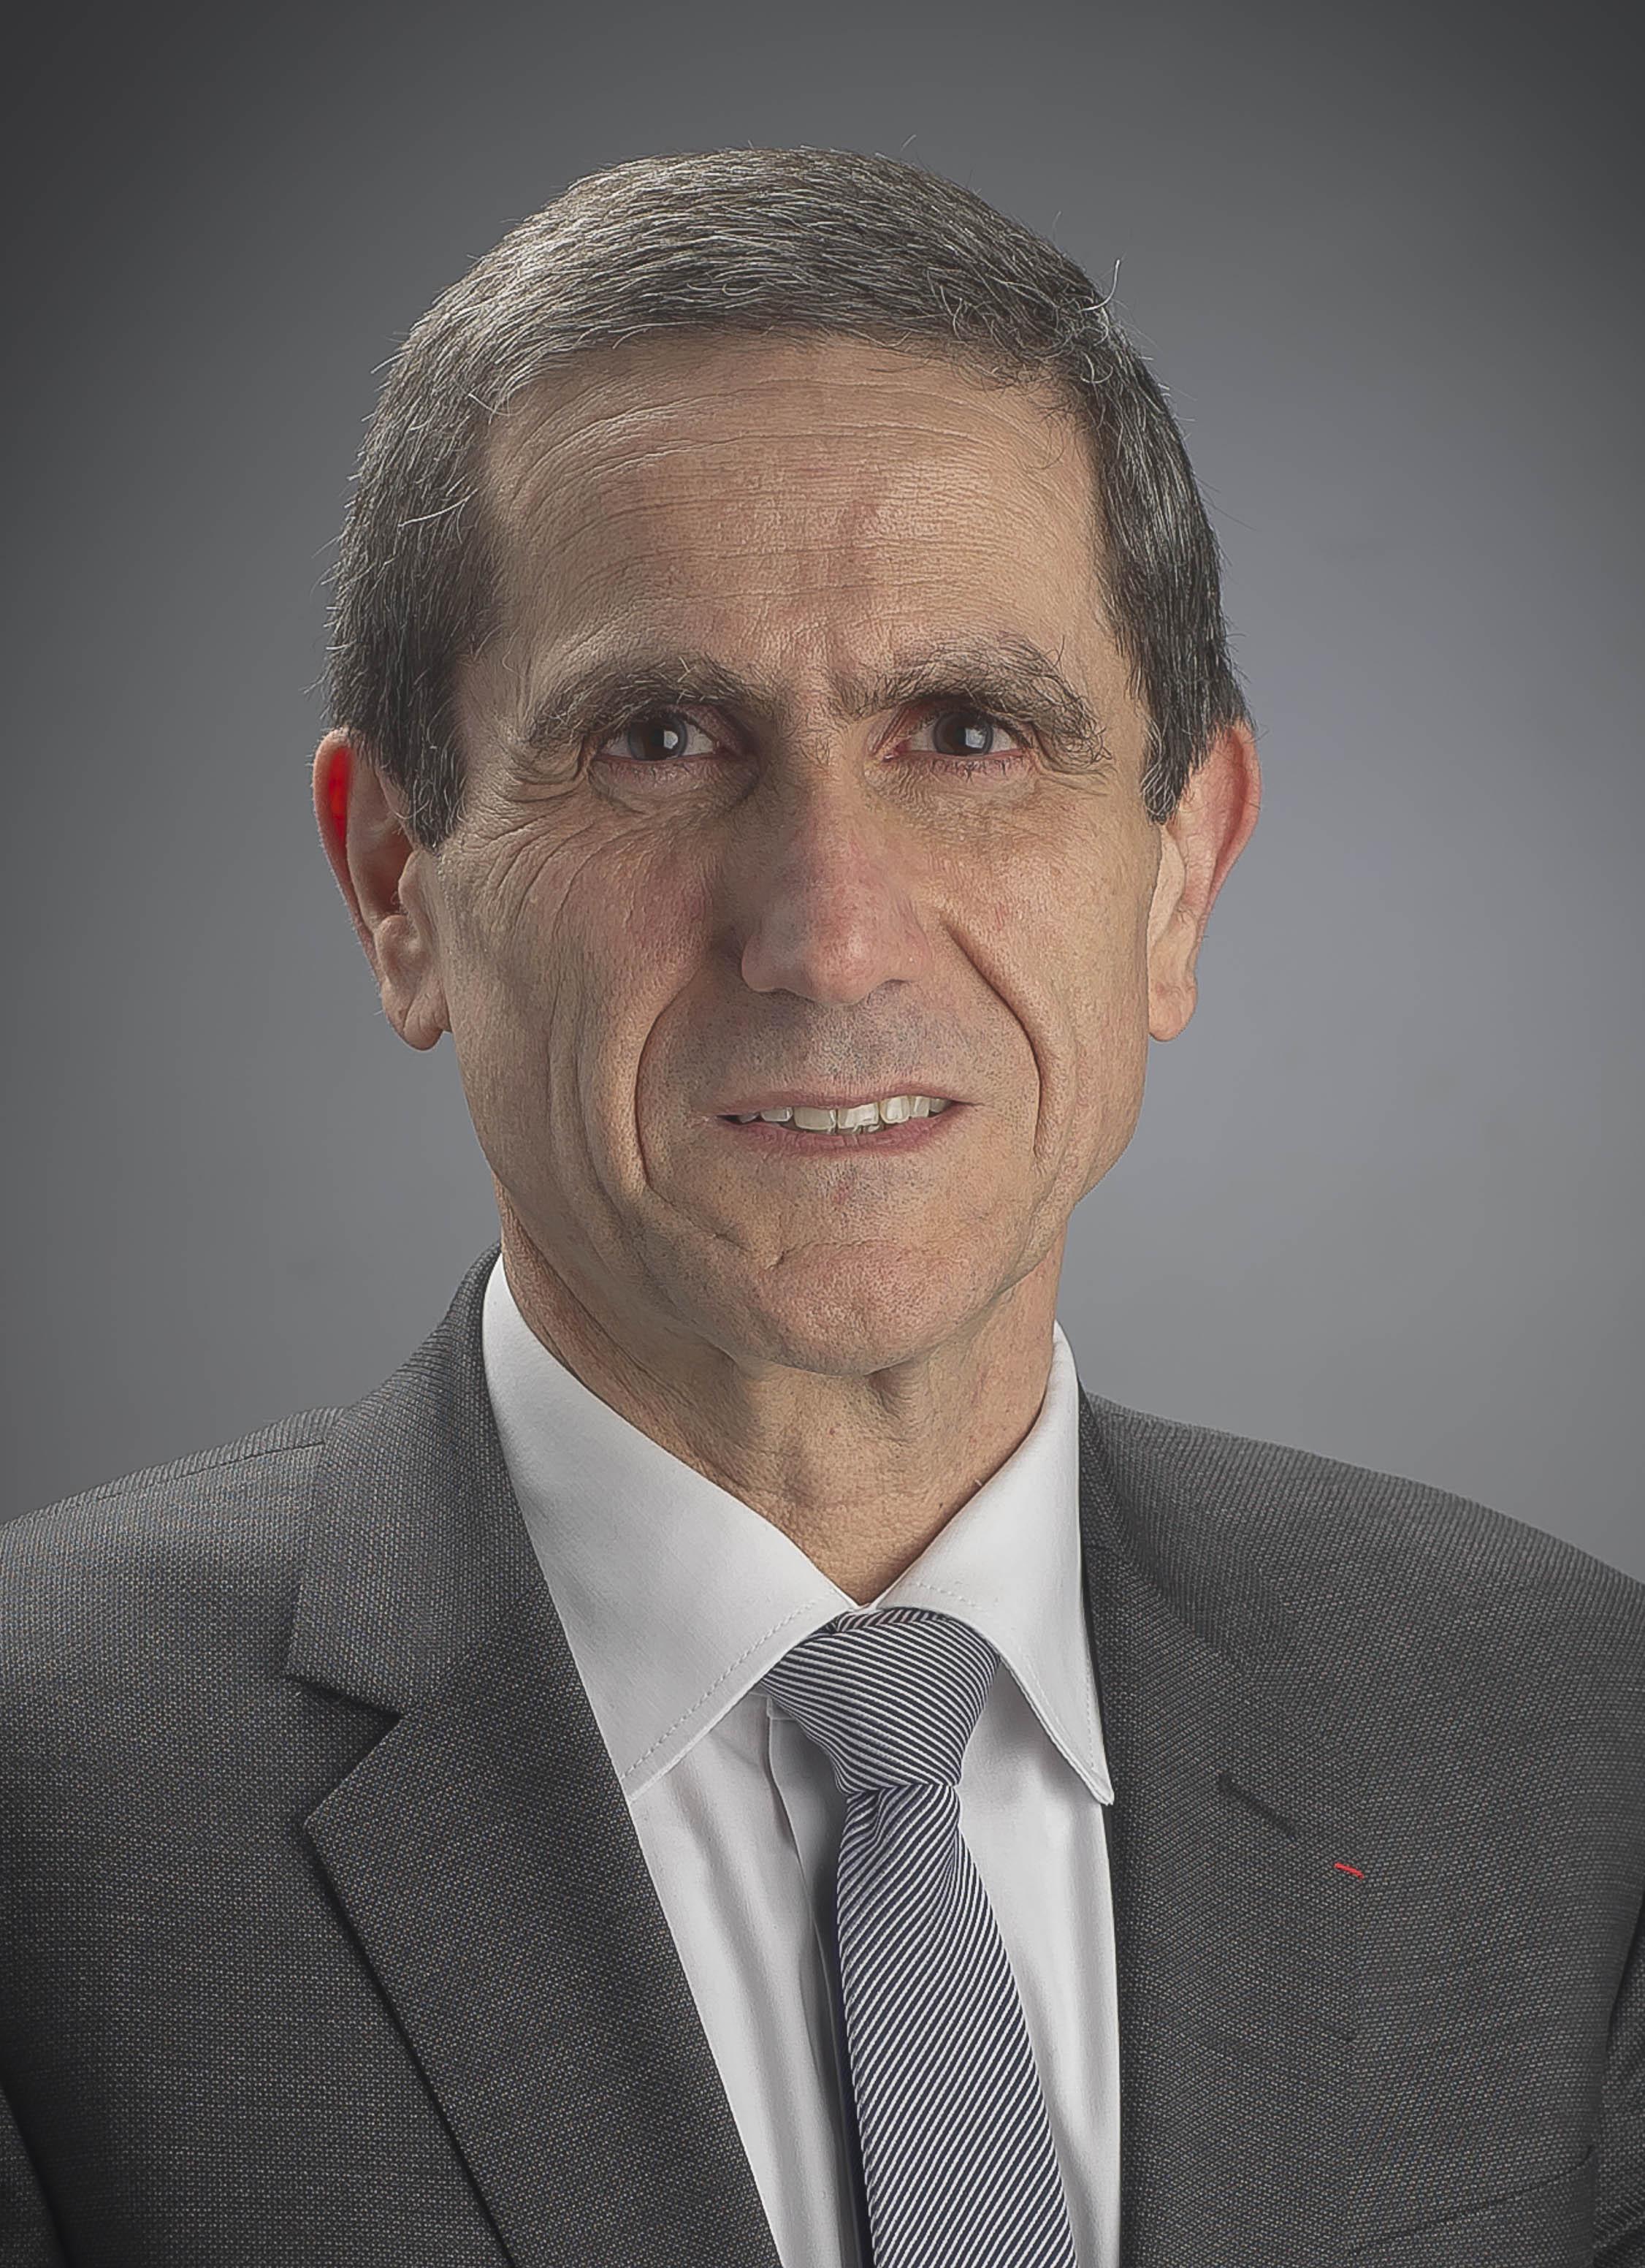 image of Philippe Amouyel